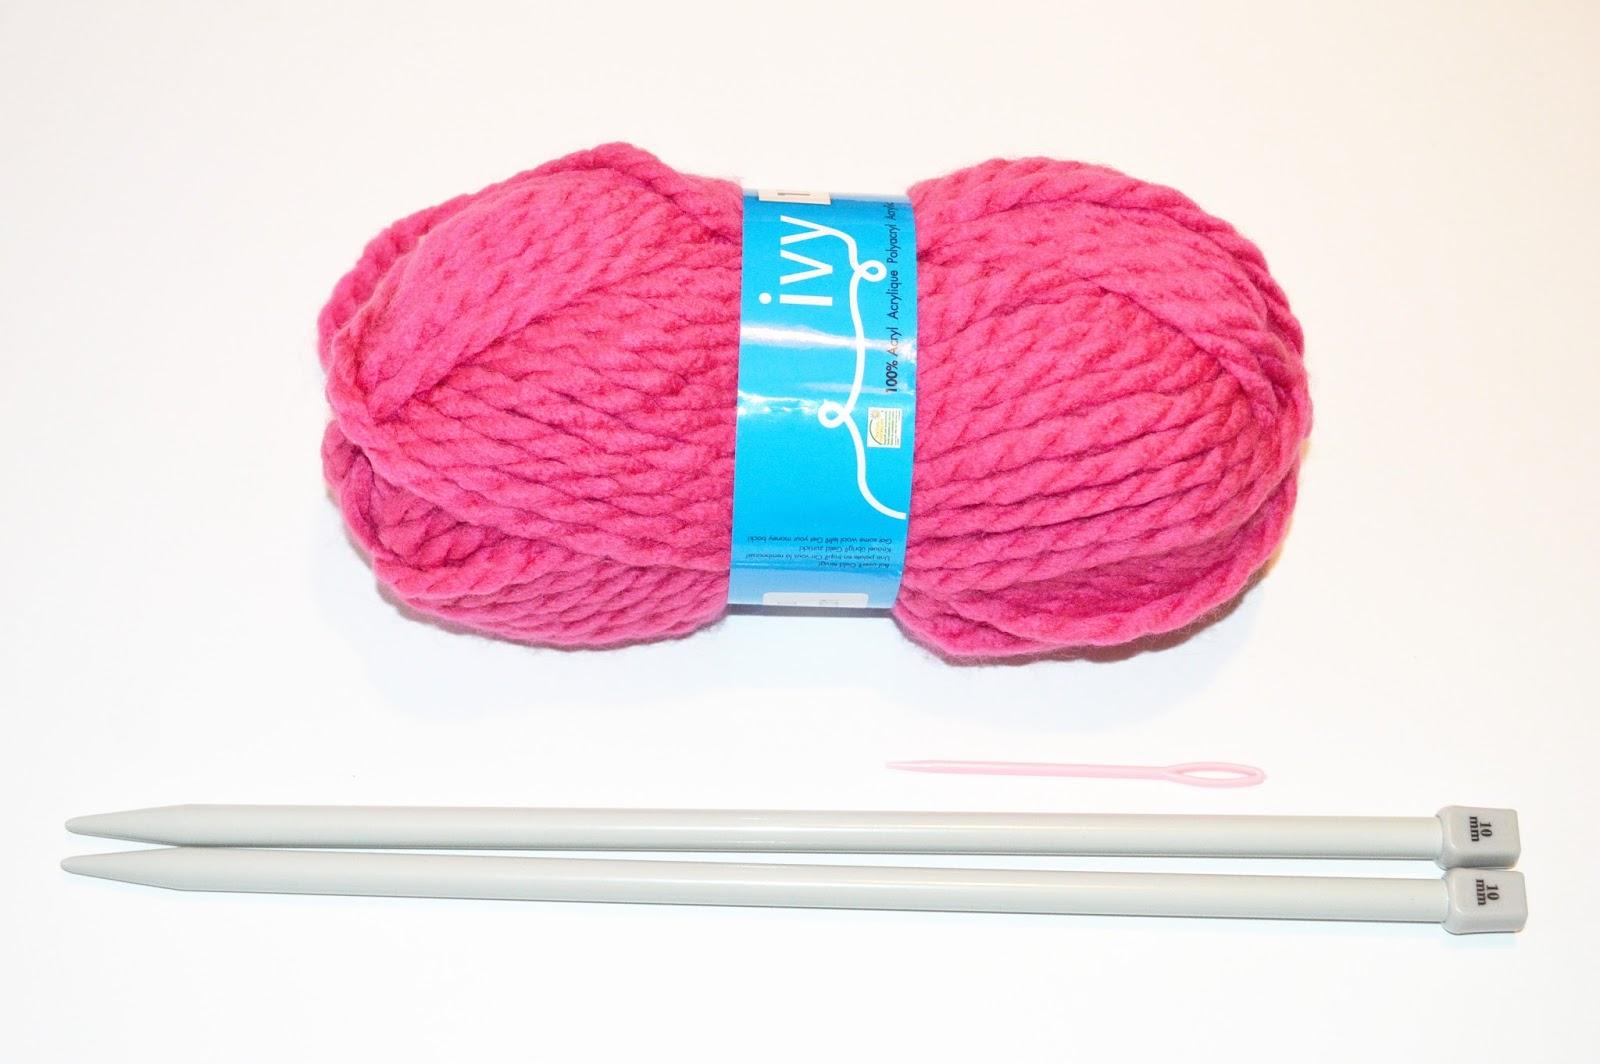 Boutique de vente en ligne de laines à tricoter, tissus, modèles et kits